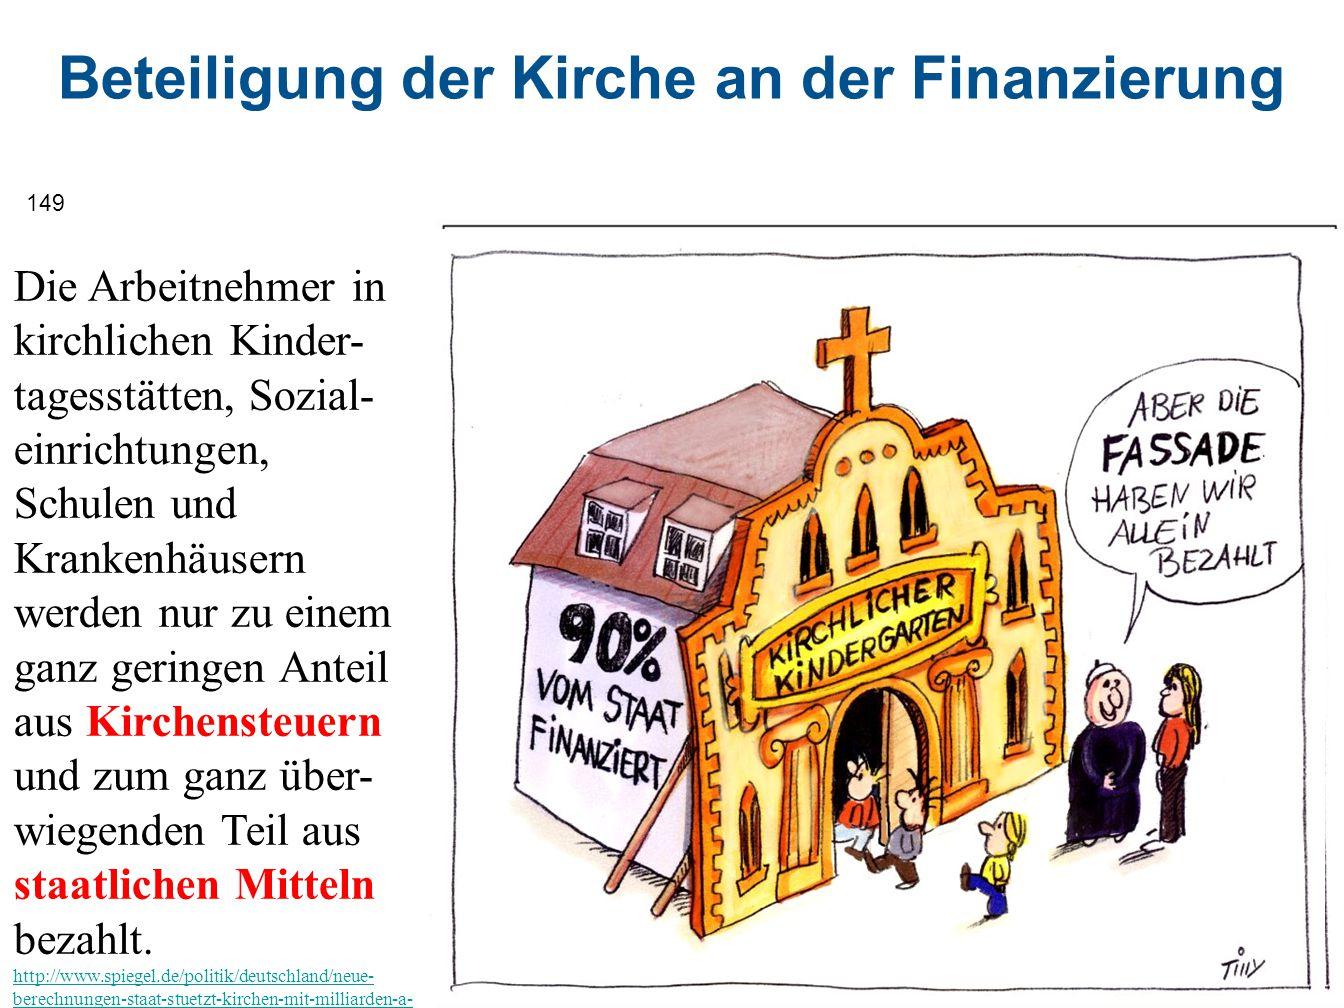 Beteiligung der Kirche an der Finanzierung 149 Die Arbeitnehmer in kirchlichen Kinder- tagesstätten, Sozial- einrichtungen, Schulen und Krankenhäusern